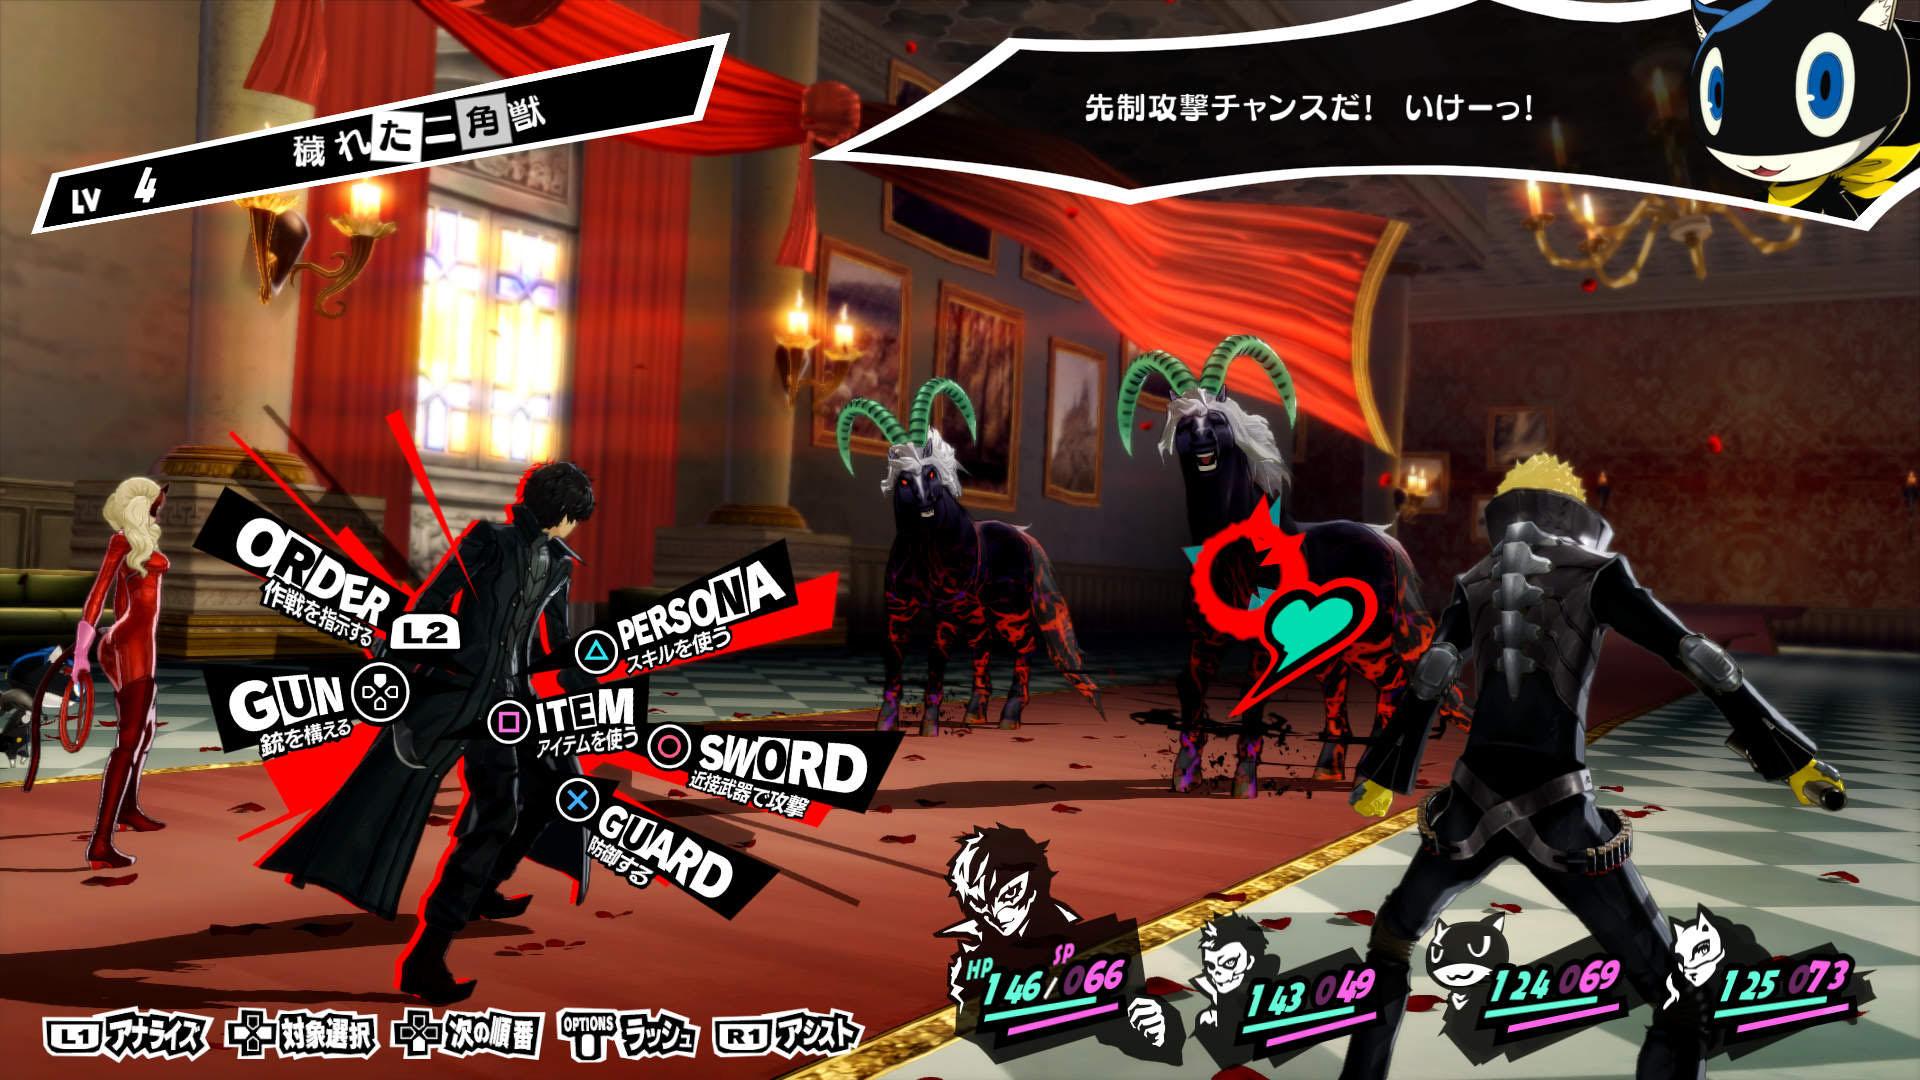 「ペルソナ5」は、まさに日本ならではなオリジナリティでありセンス、スタイリッシュさの光るRPG。他にない色を持っているゲームと思えます